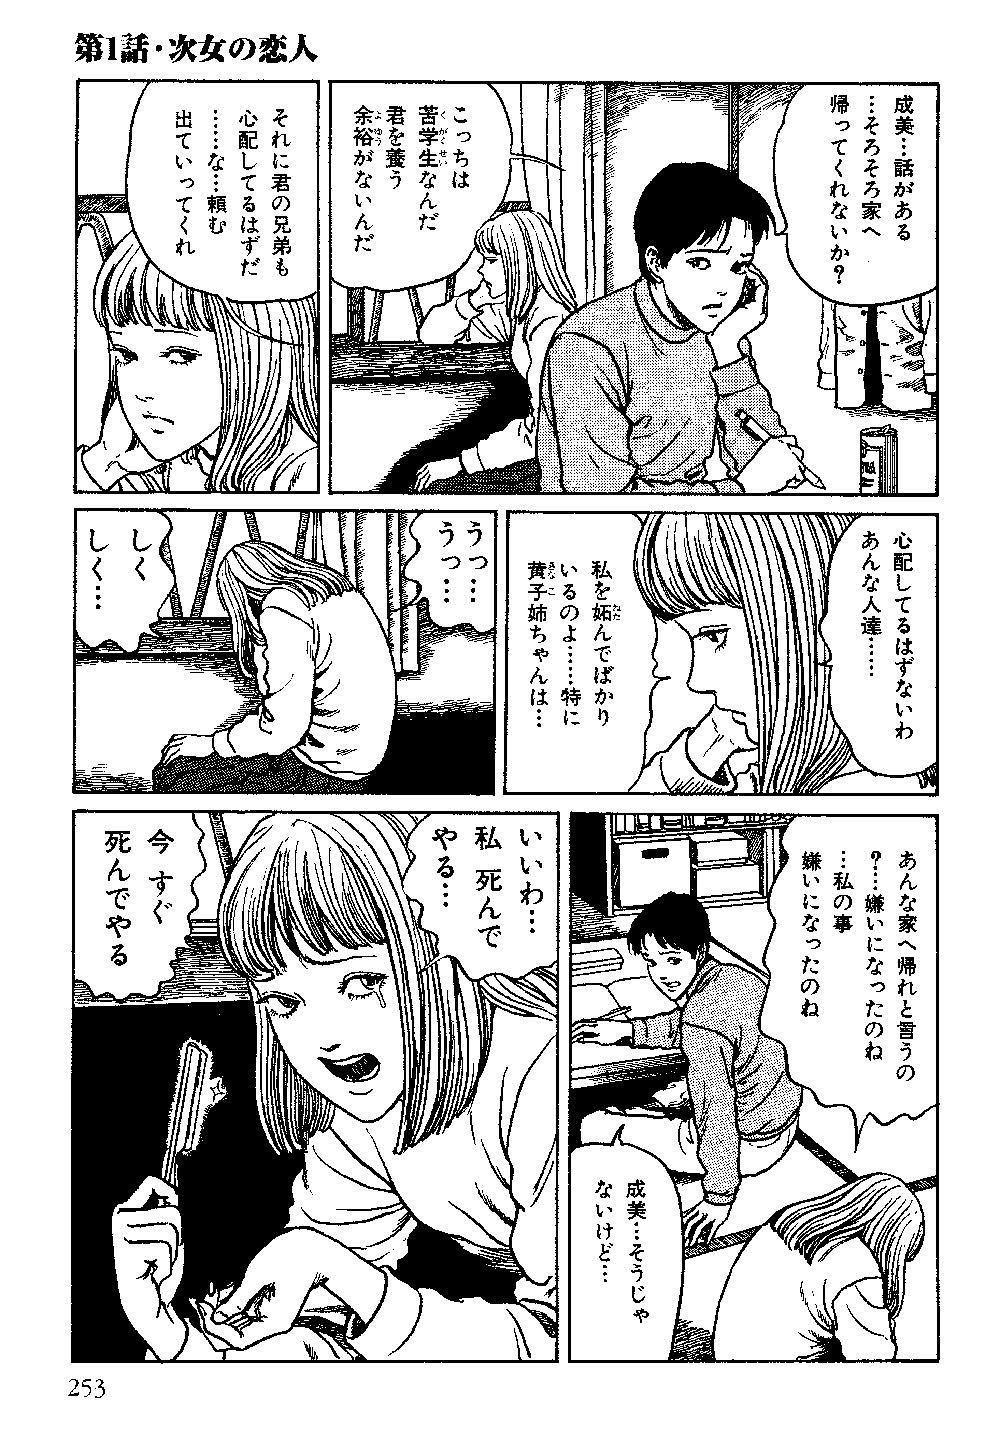 itouj_0004_0255.jpg